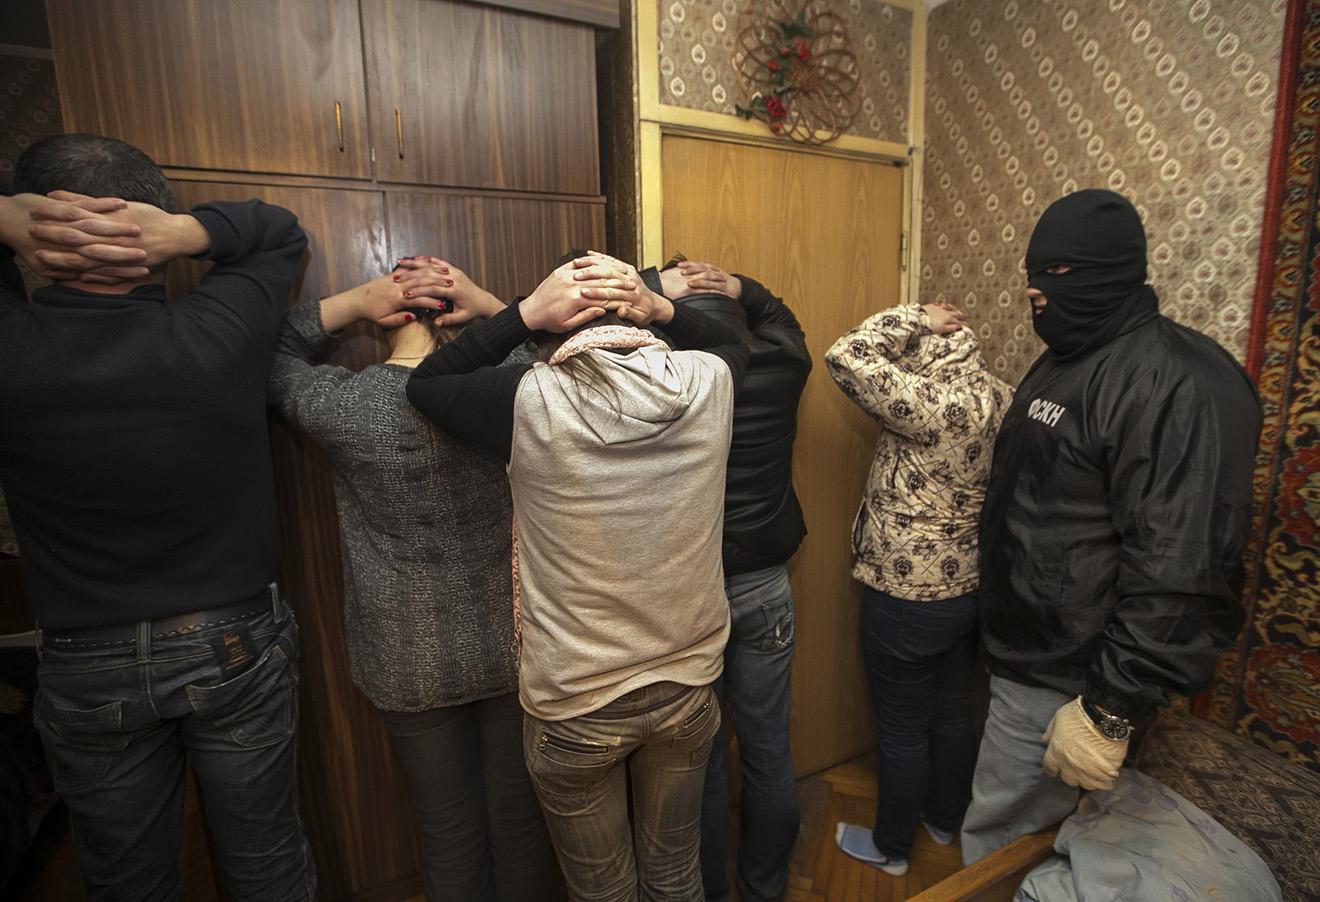 Сотрудник ФСКН во время задержания посетителей наркопритона в Москве, 2013 год. Фото: Геннадий Хамельянин / ТАСС